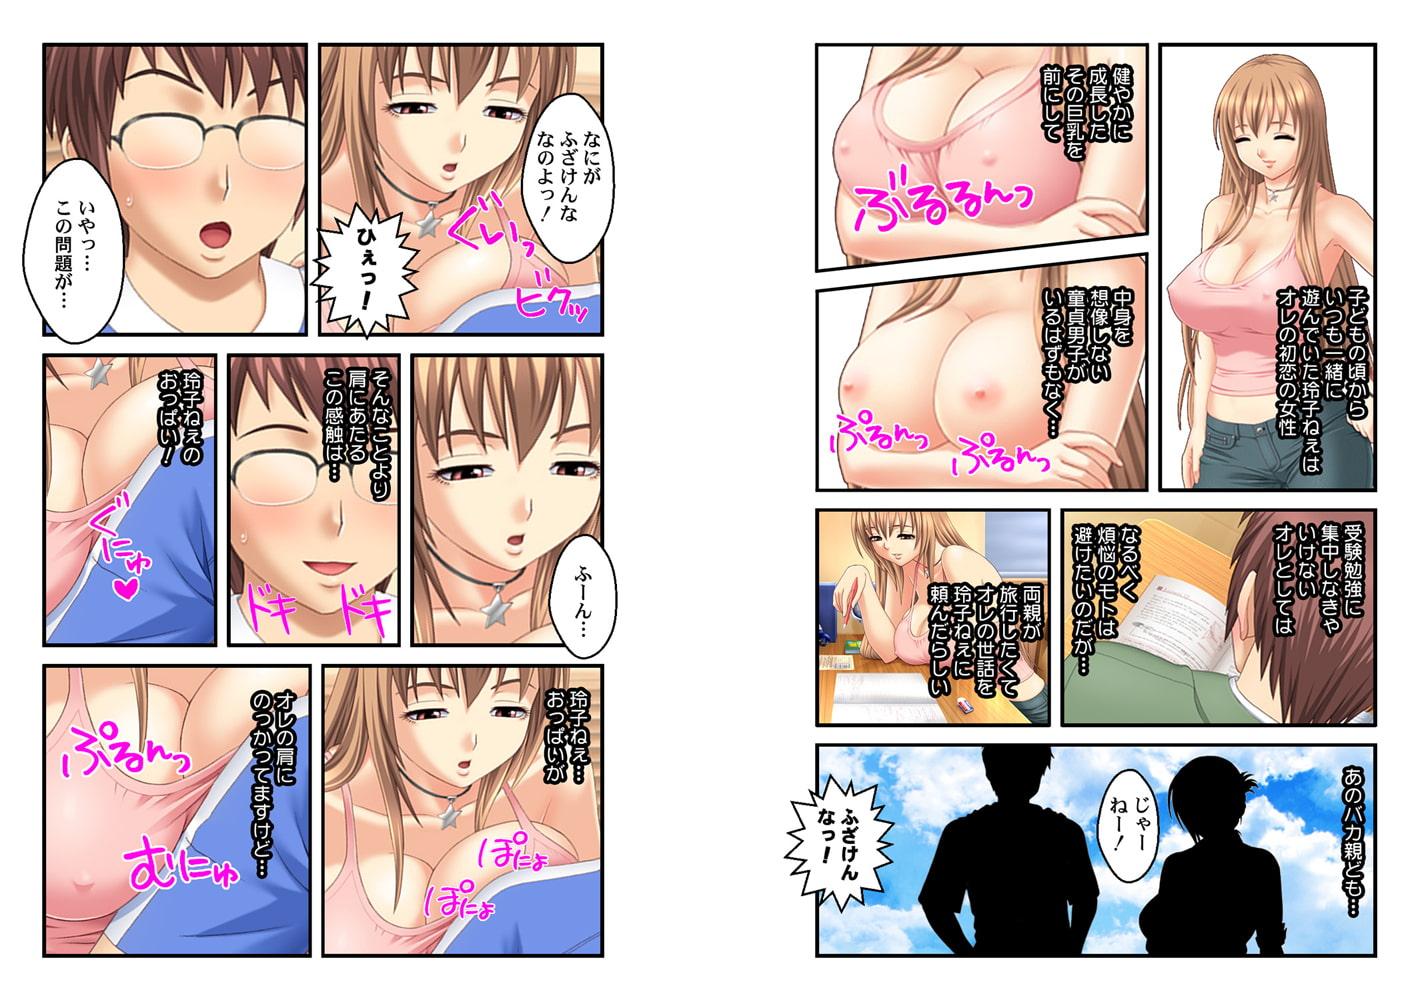 こんな巨乳に包まれたい!!【侍侍コレクション】 1巻